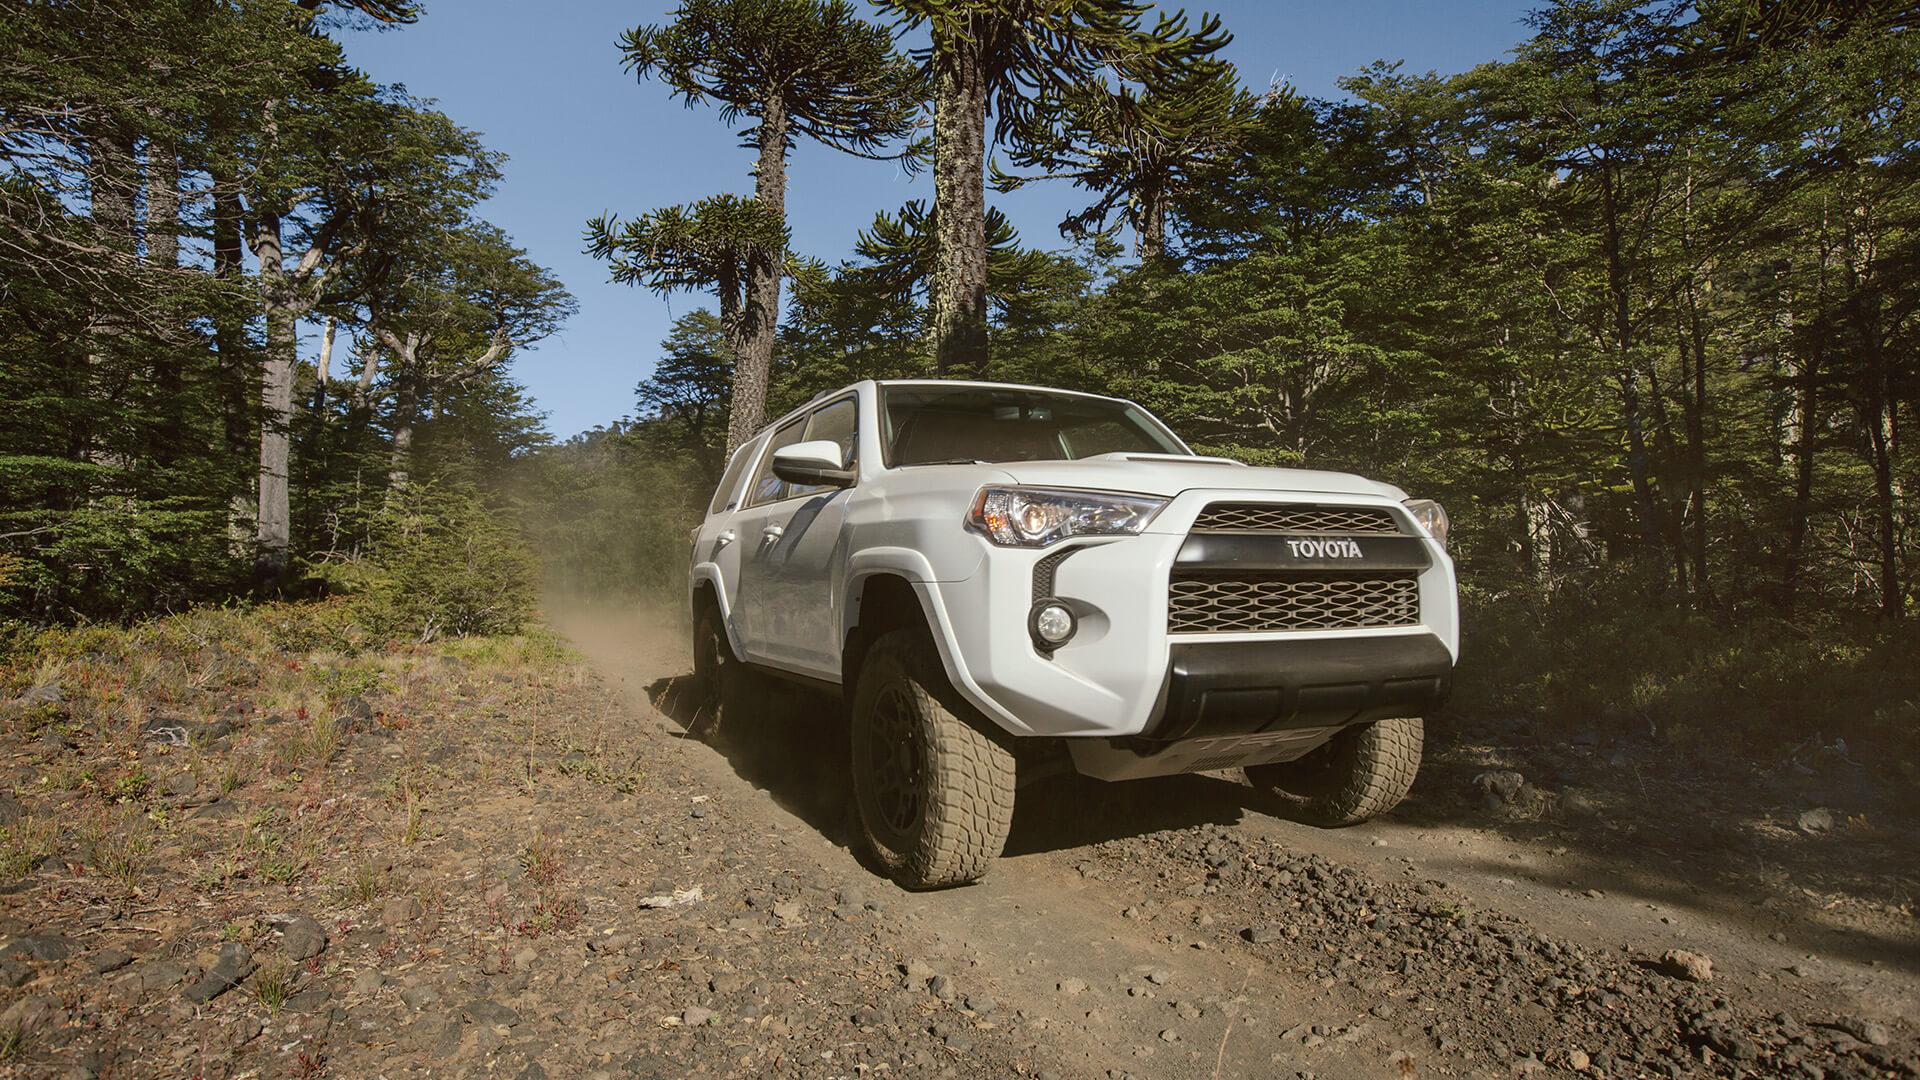 2016 Toyota 4Runner Dirt road